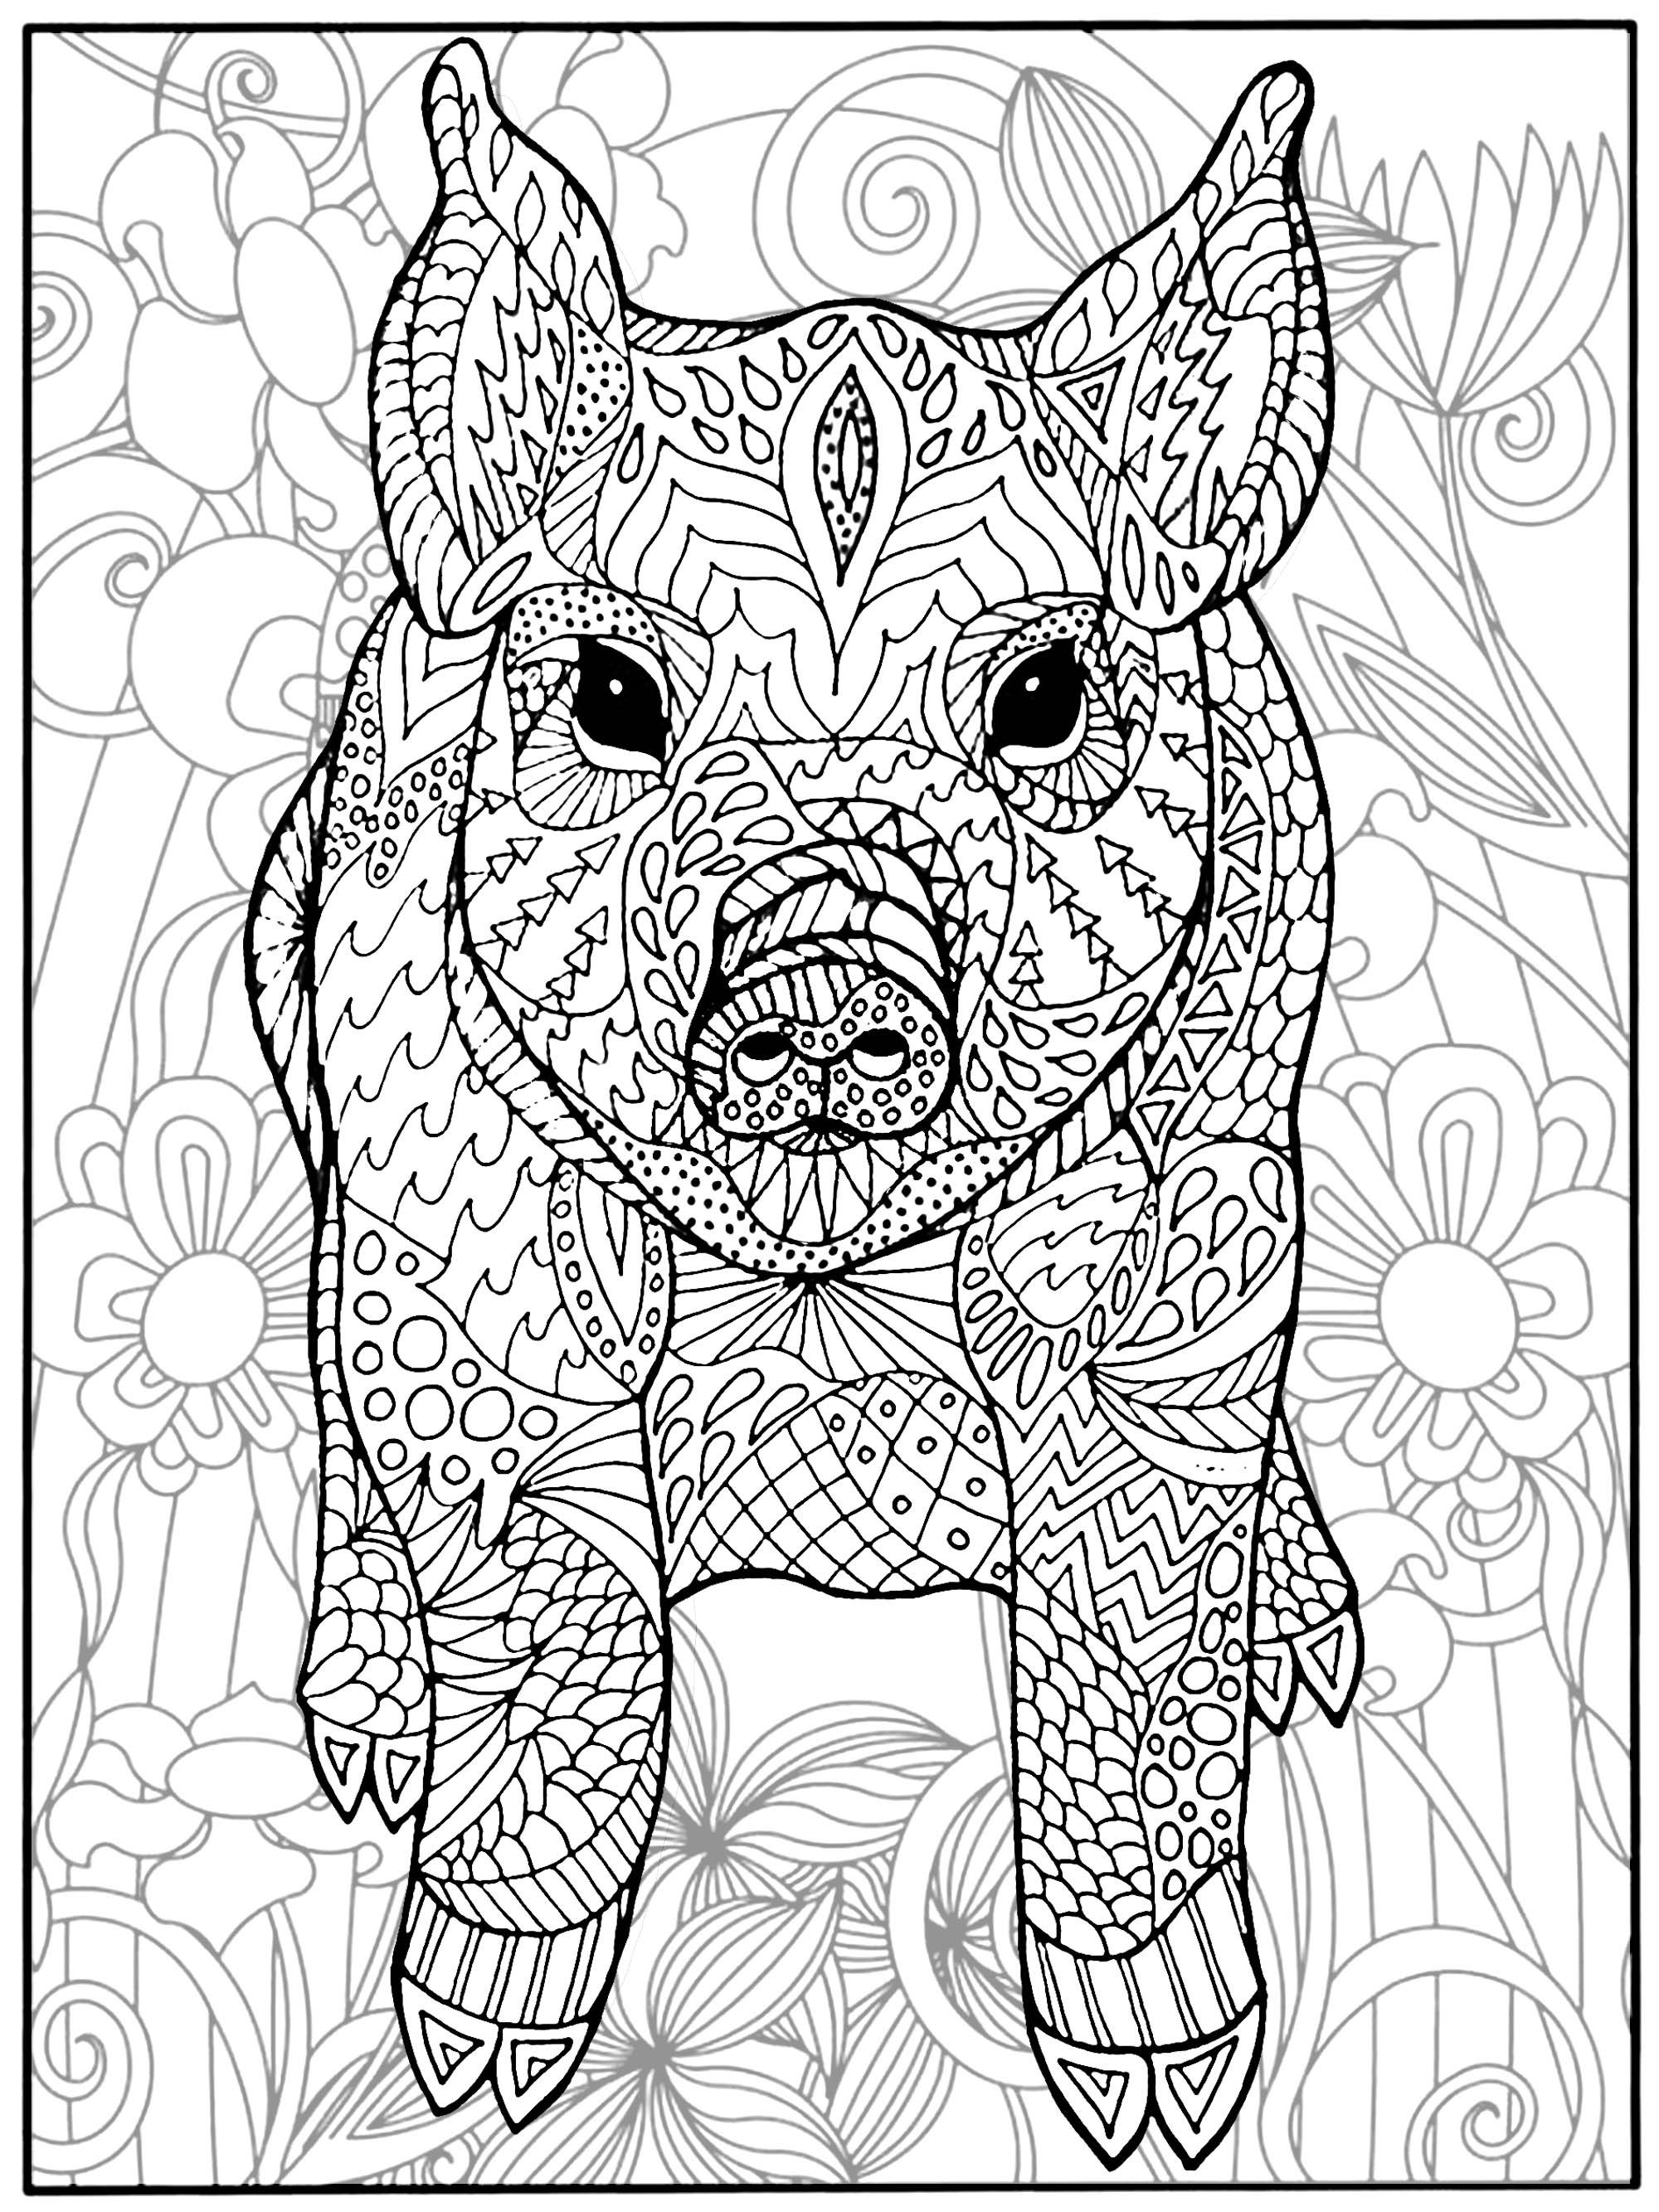 Cochon et fleurs | Cochons - Coloriages difficiles pour adultes